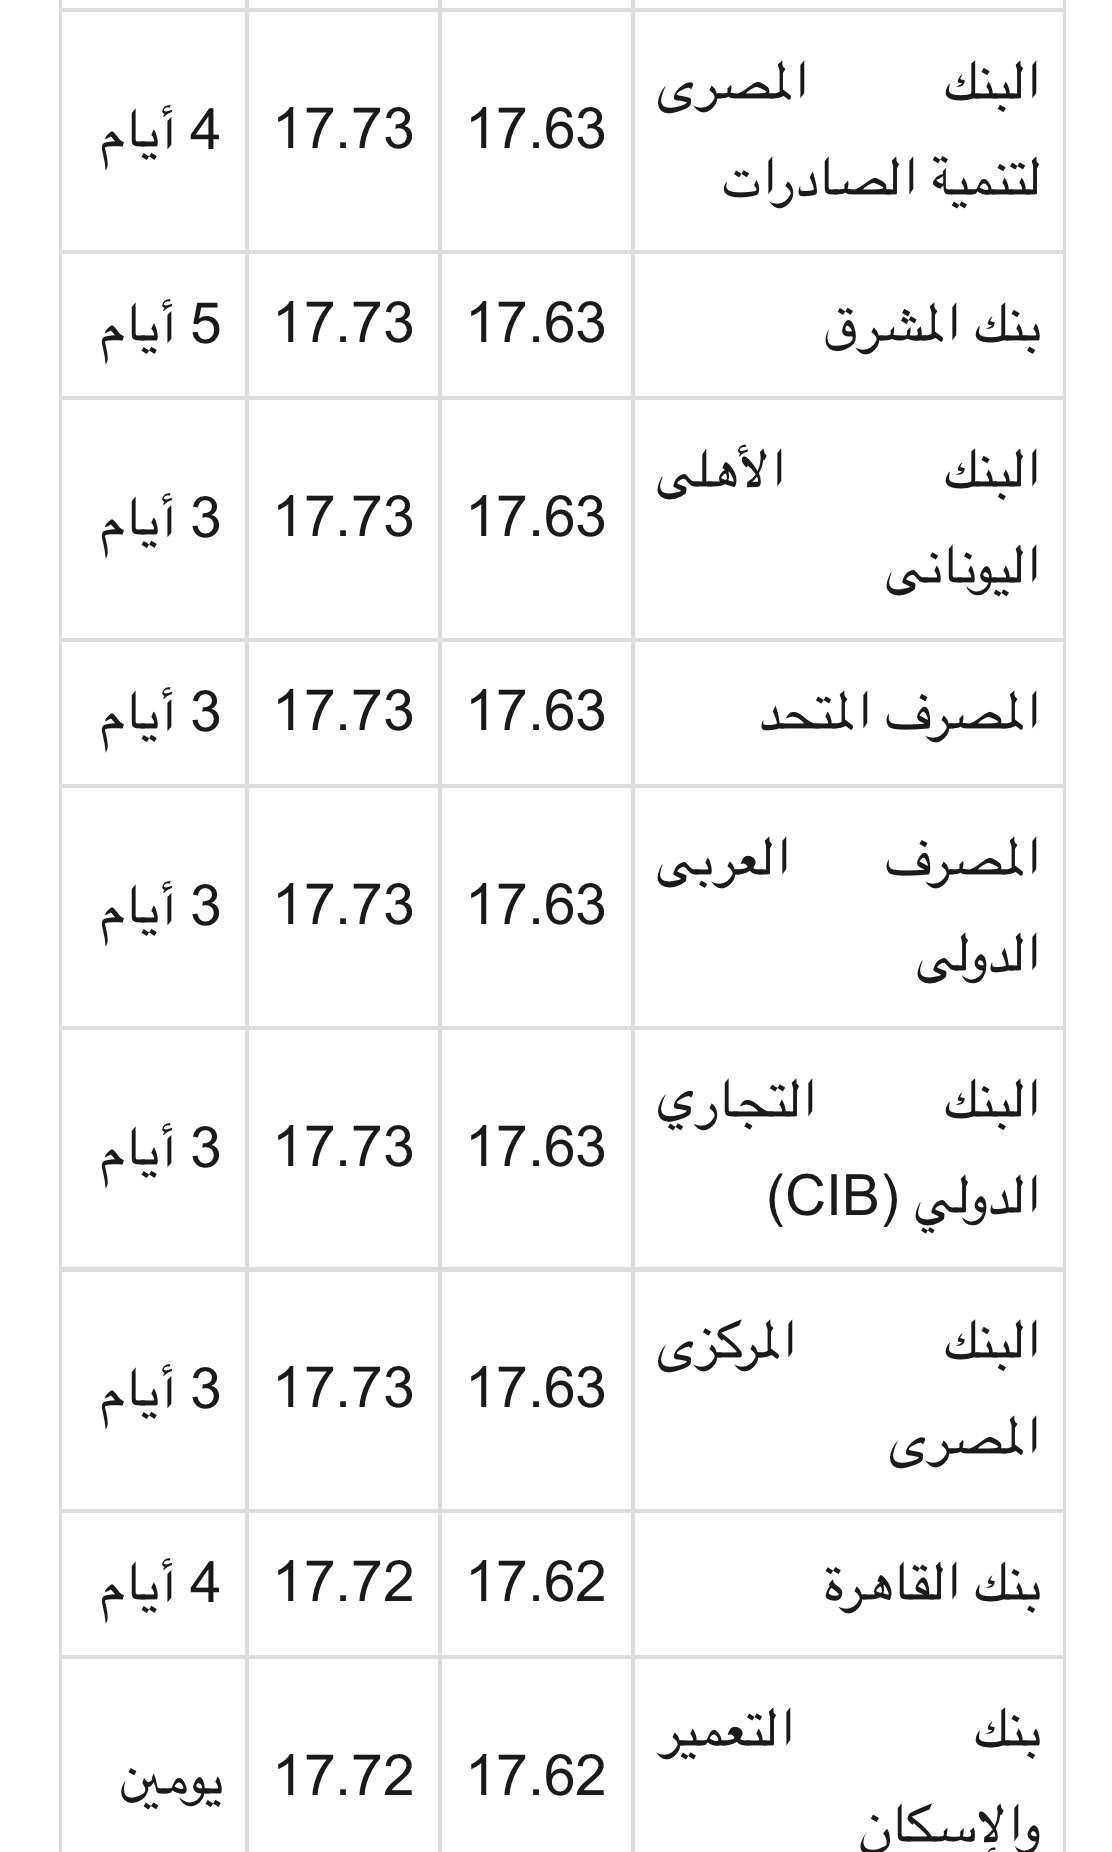 سعر الدولار اليوم جميع البنوك الأحد 8 4 2018 في بنك مصر والسوق